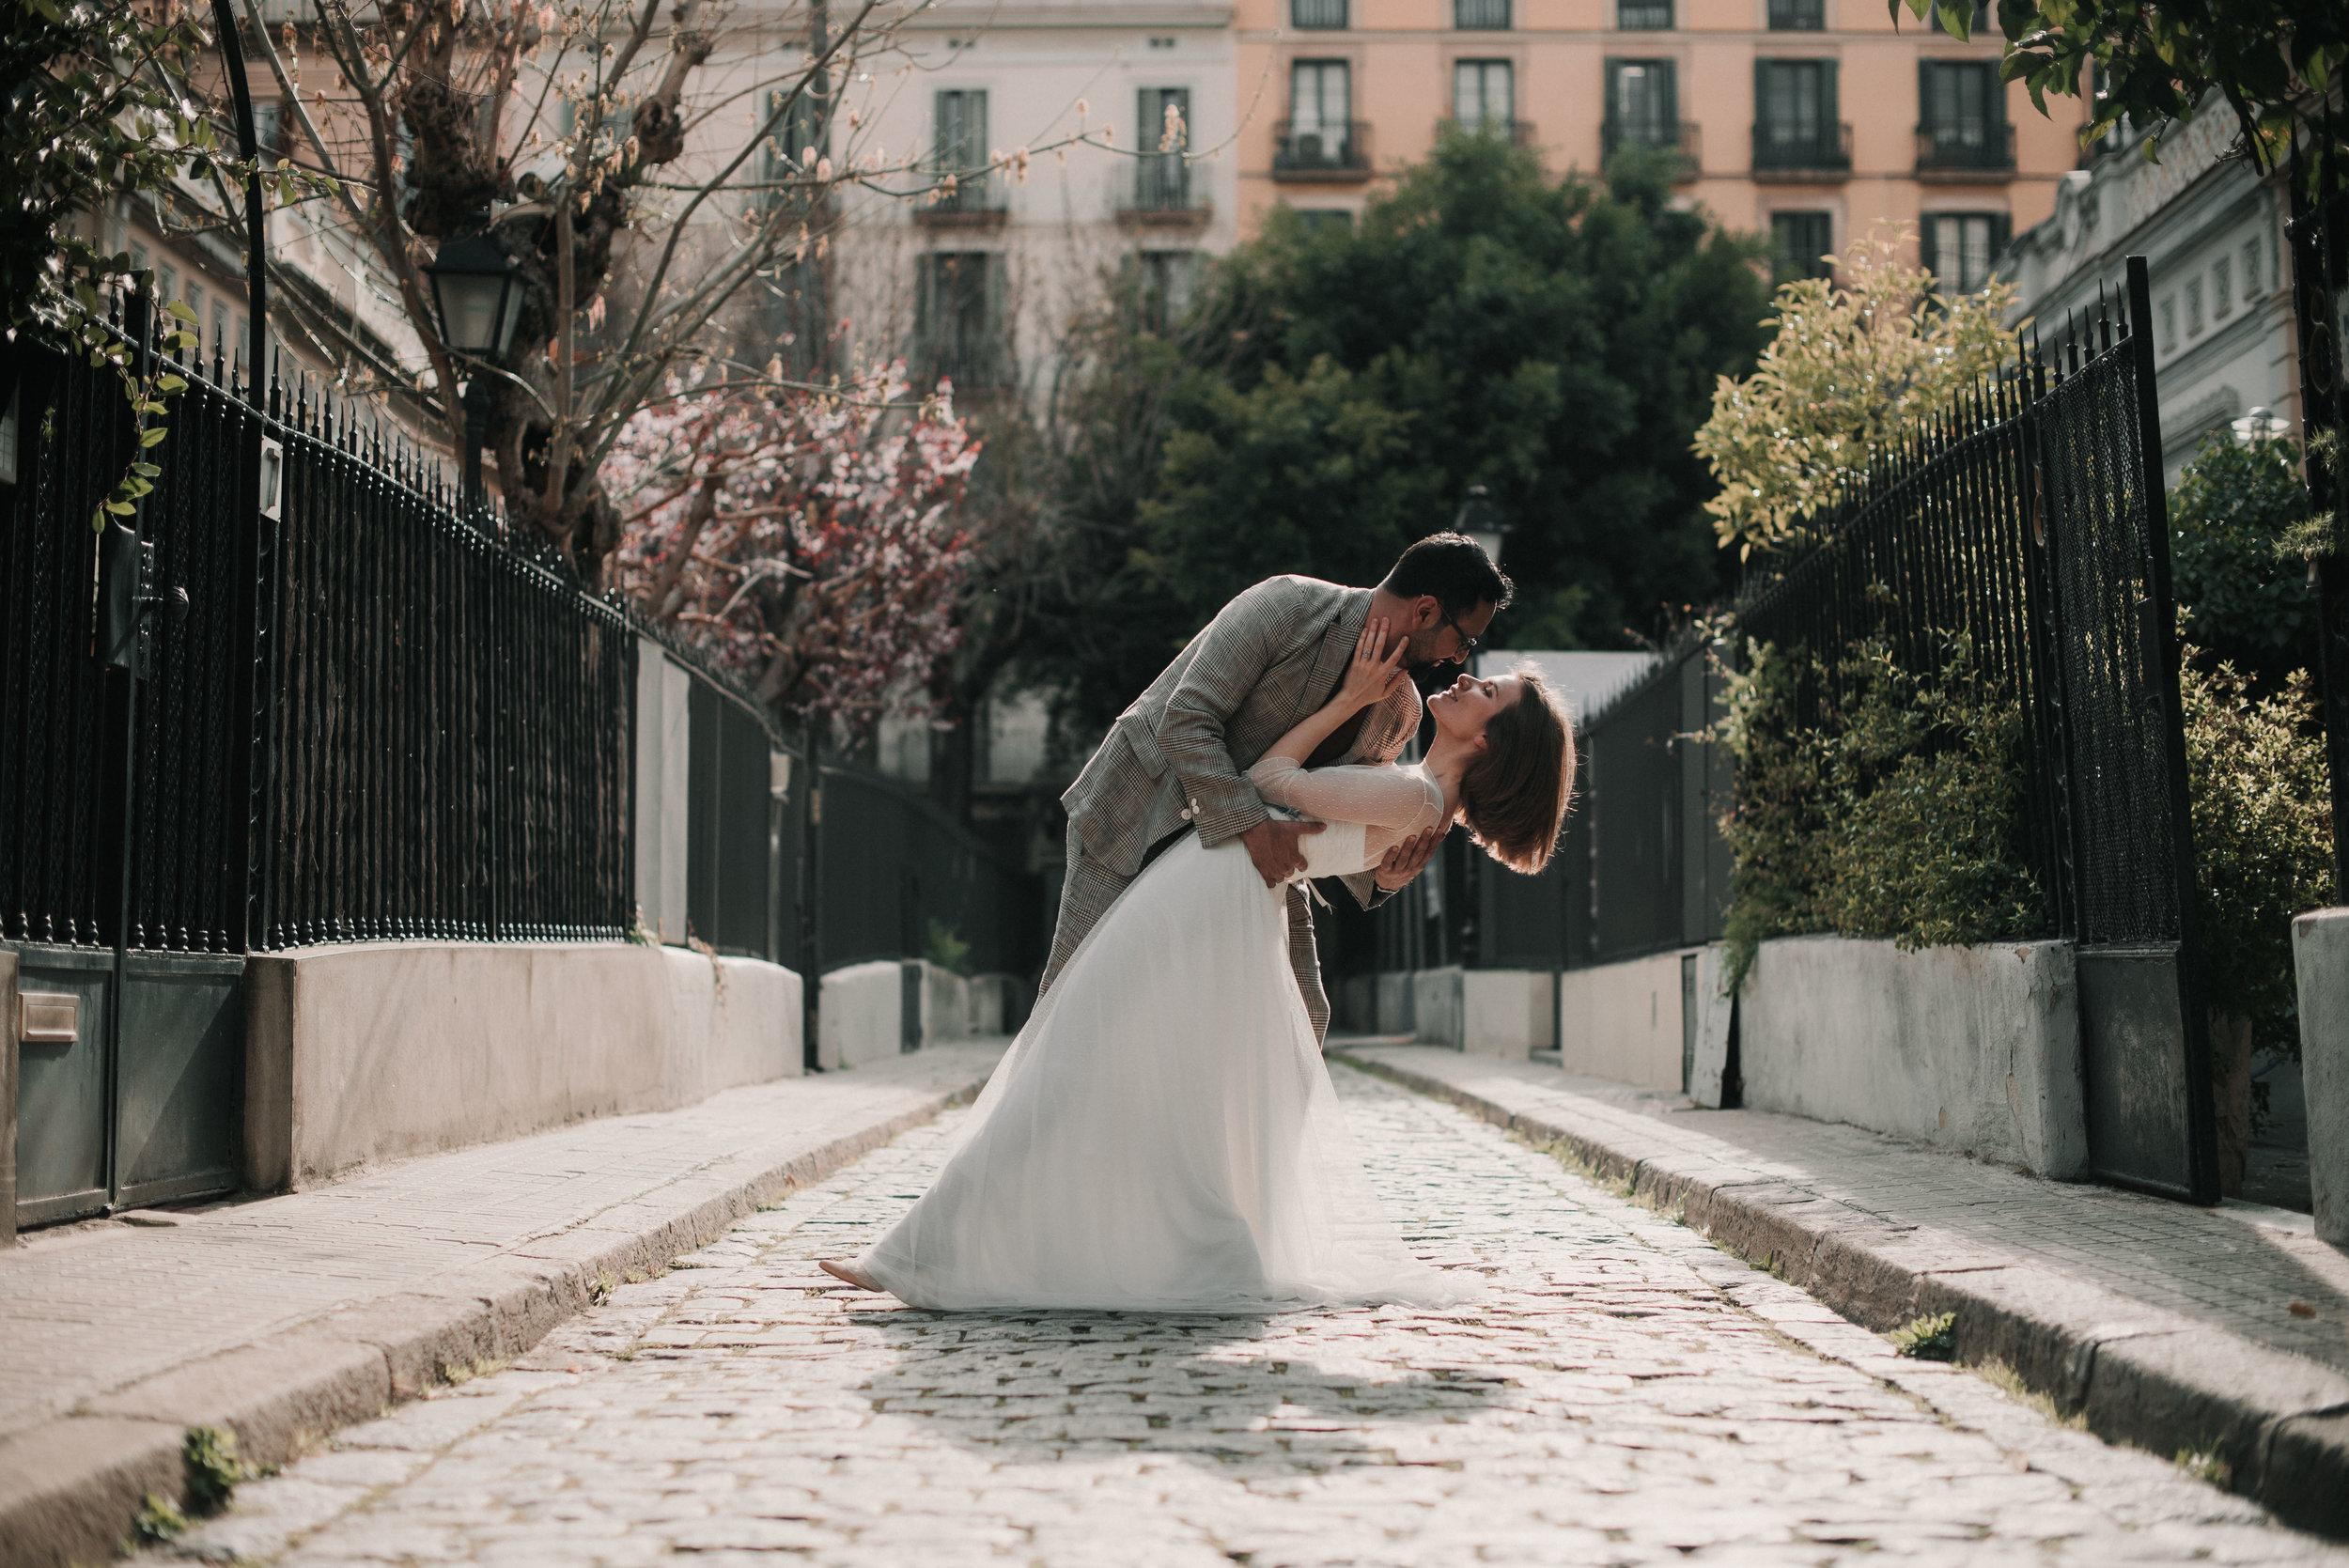 Léa-Fery-photographe-professionnel-lyon-rhone-alpes-portrait-creation-mariage-evenement-evenementiel-famille-4243.jpg